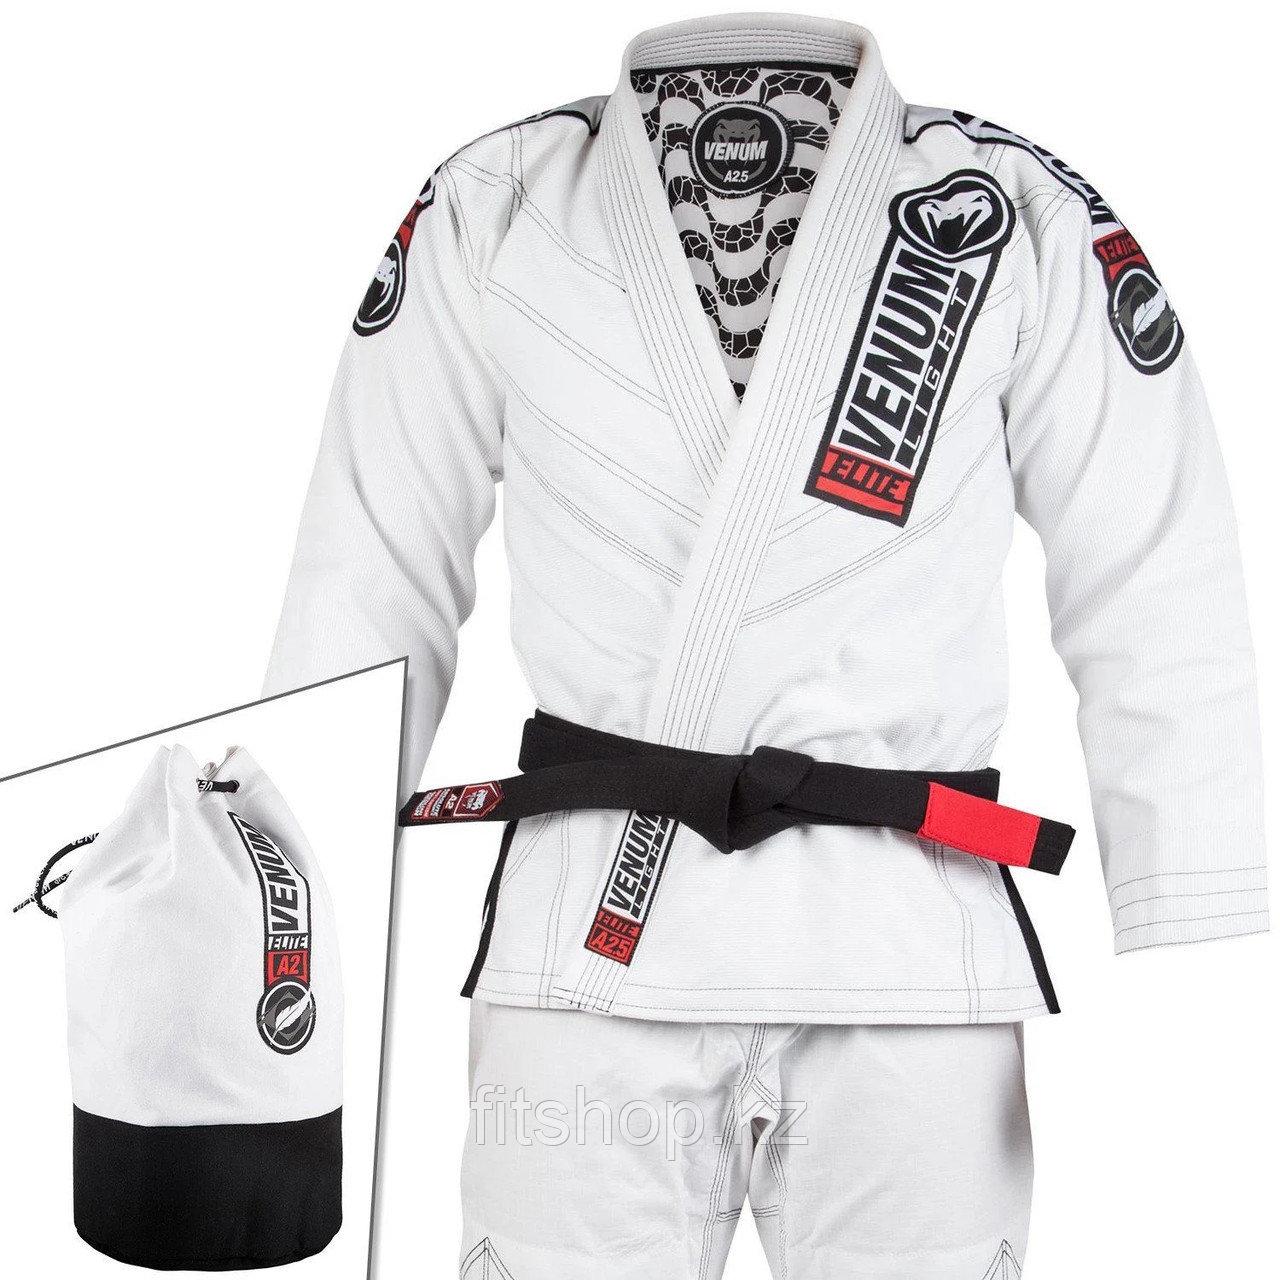 Кимоно для джиу-джитсу Venum Elite Light  белое ,чёрное сумка в комплекте